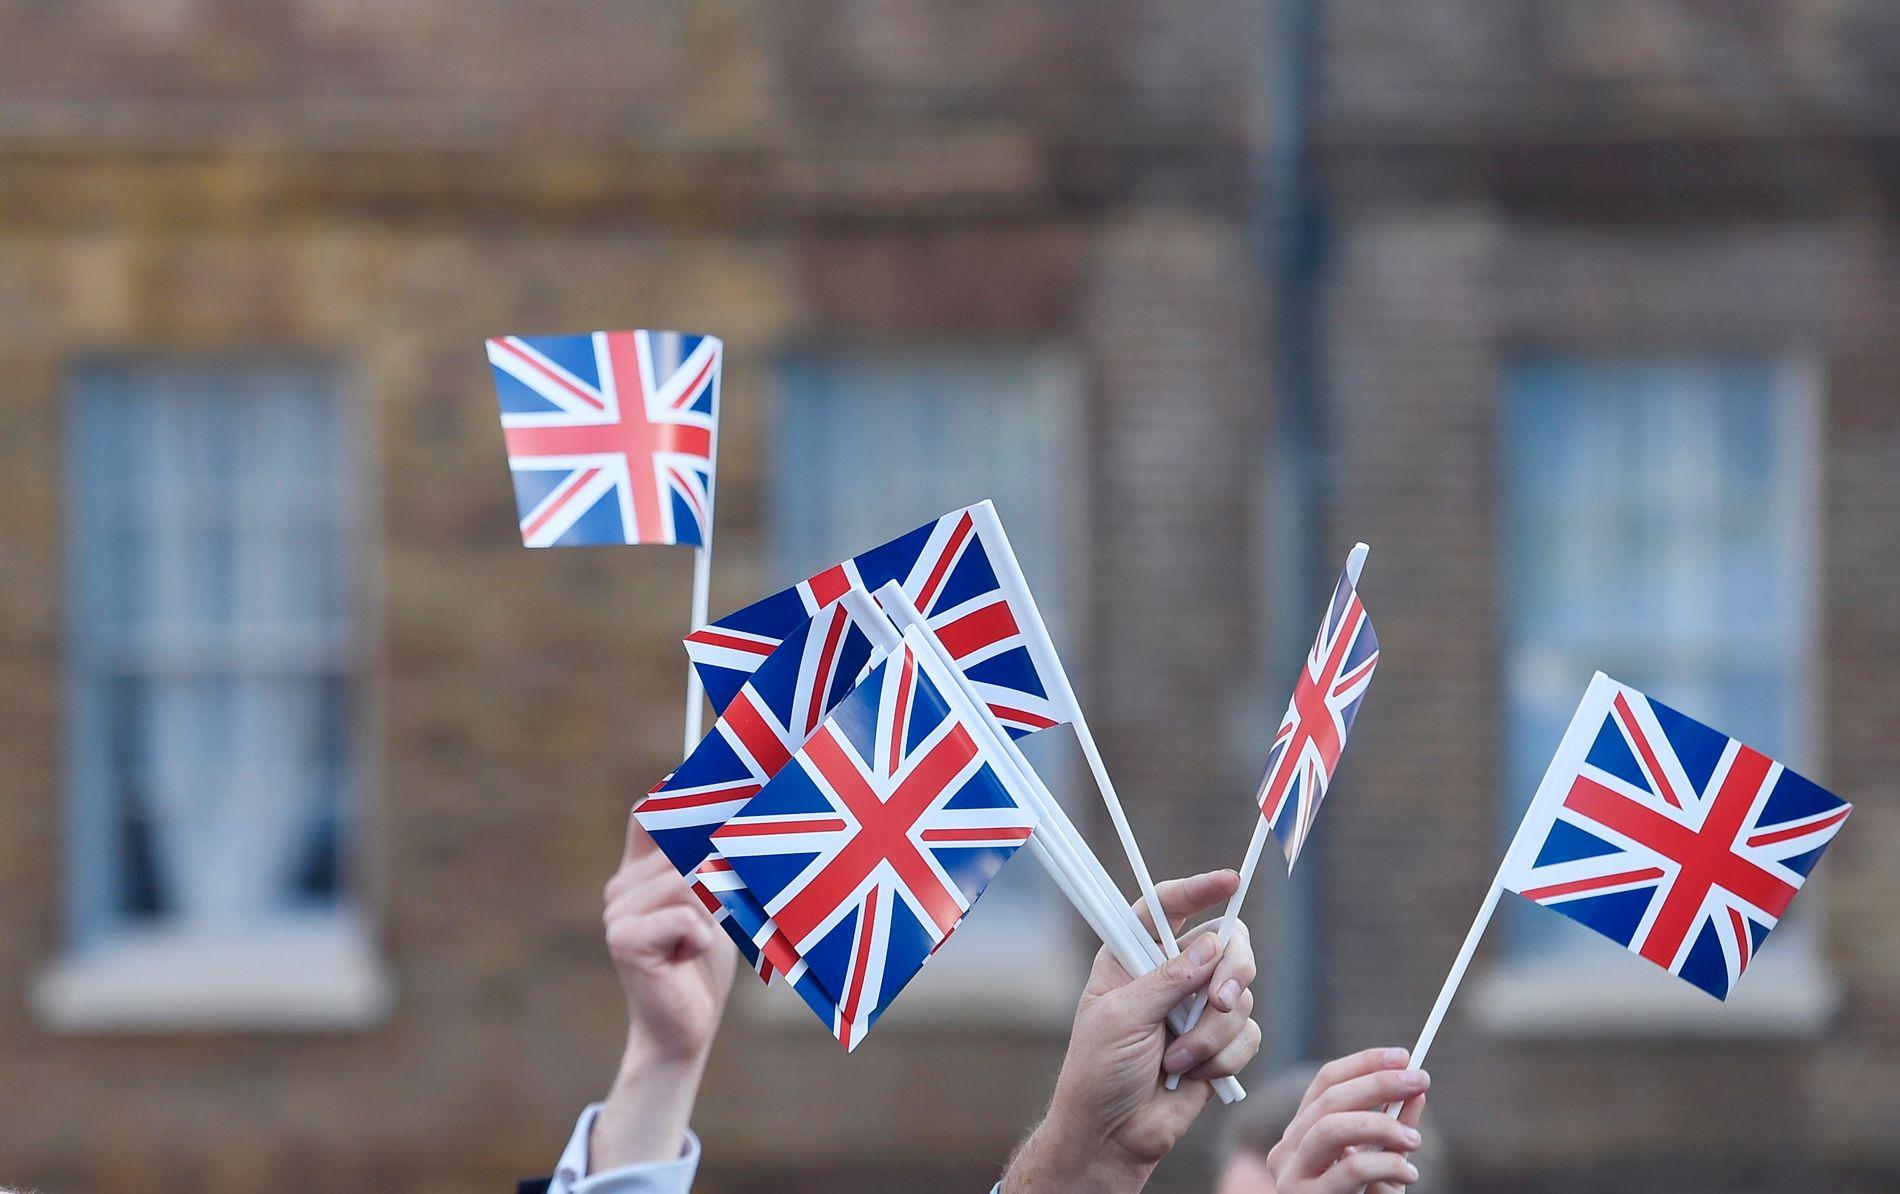 BREXIT: Spesielt unge briter er misfornøyd med utfallet av torsdagens folkeavstemningen som innebærer at Storbritannia skal melde seg ut av EU etter 43 års medlemskap.